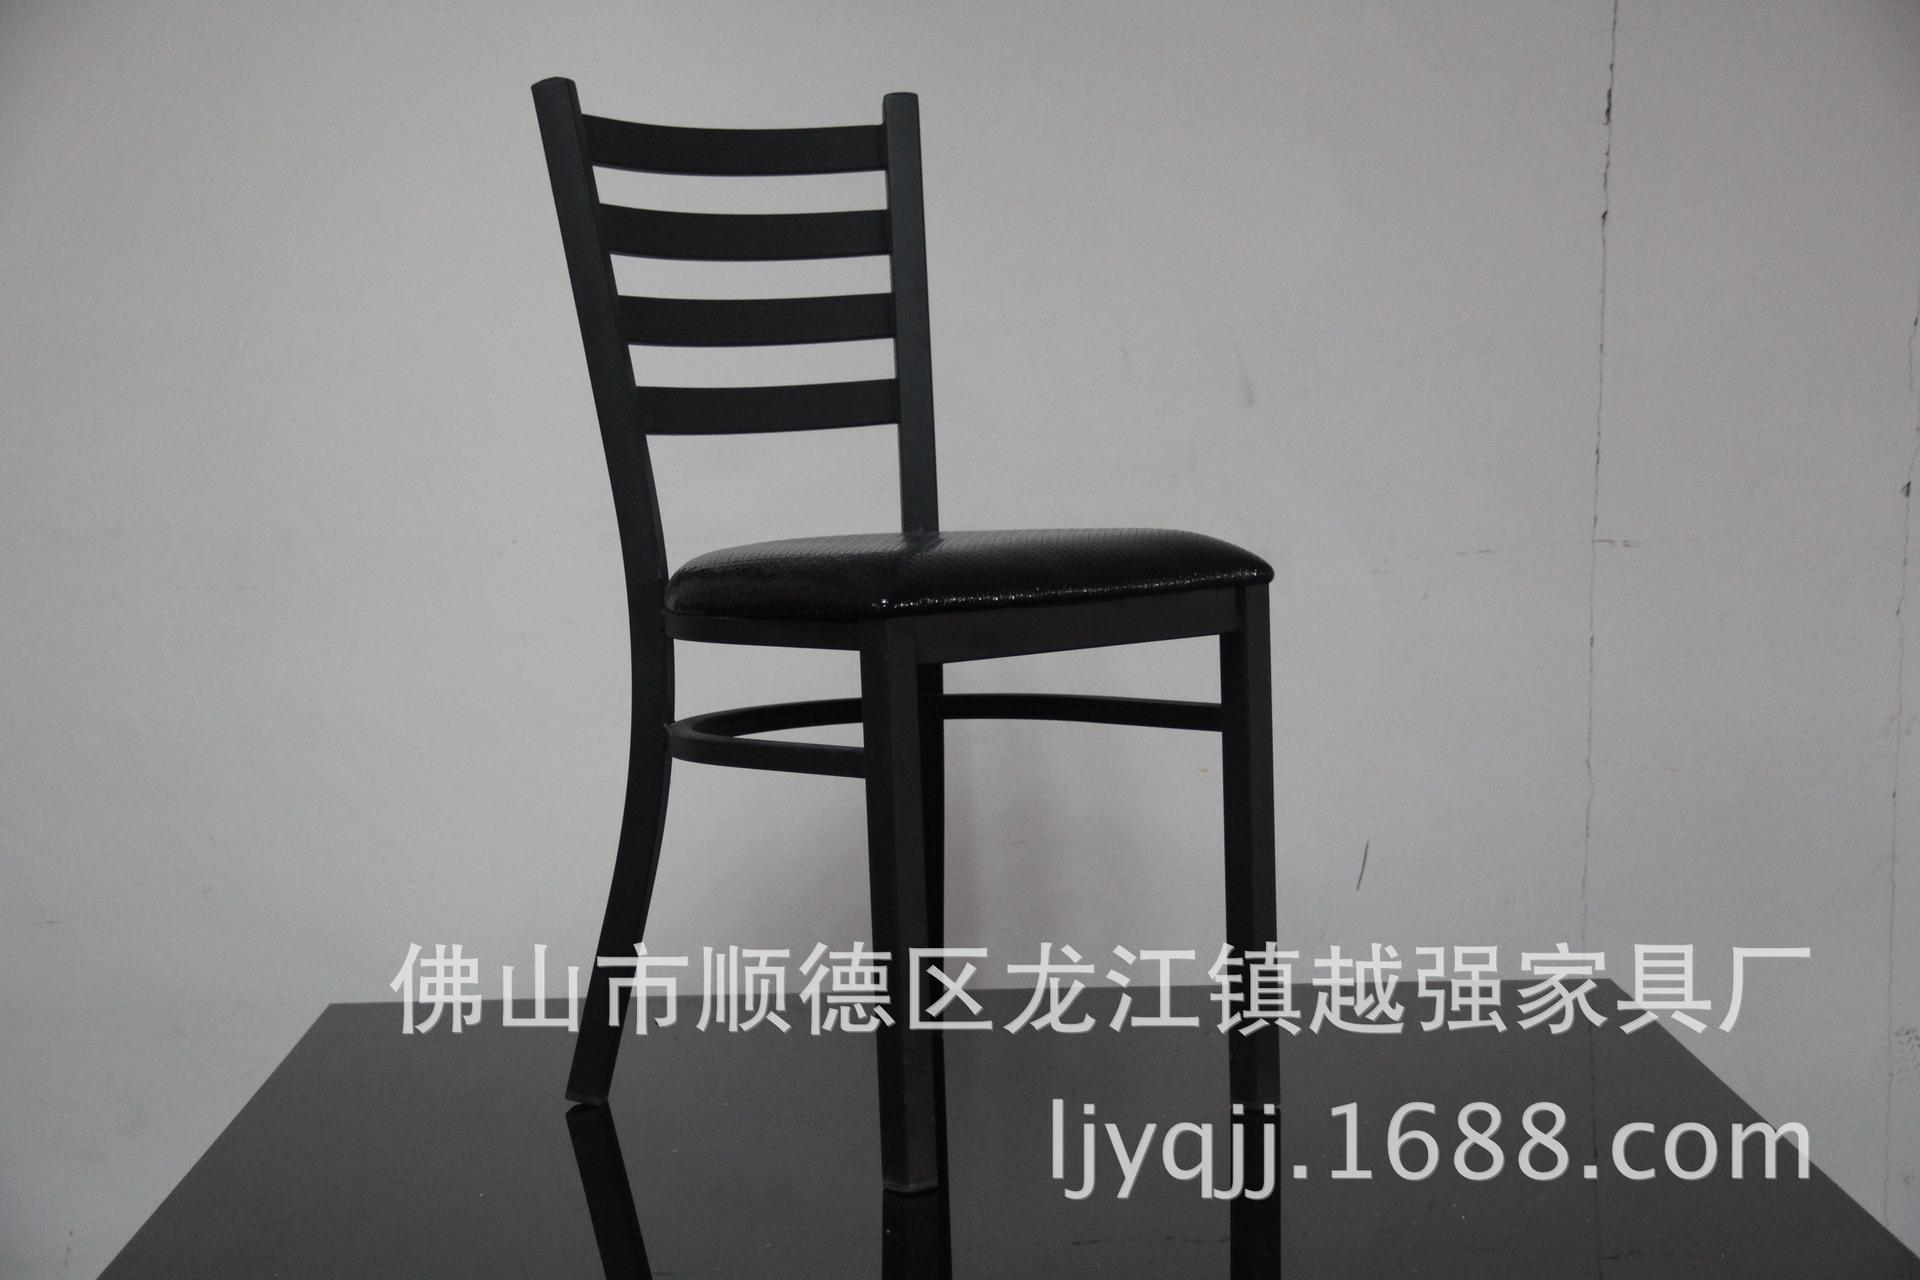 金属西餐椅厂家图片/金属西餐椅厂家样板图 (4)